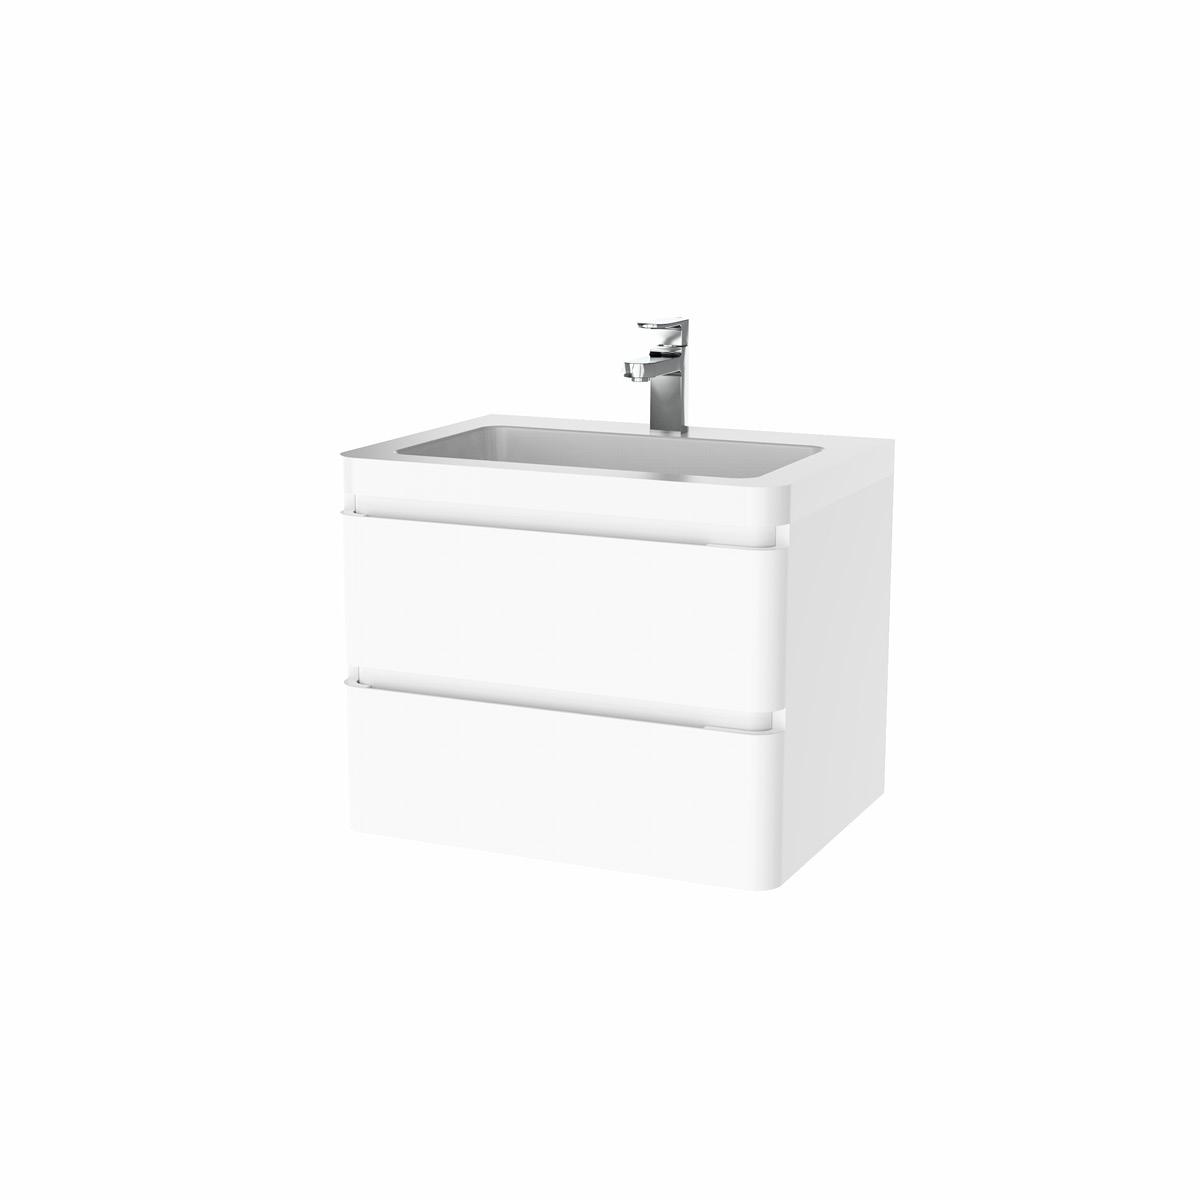 [Paket] Berlin Waschtisch-Set 65 cm weiß